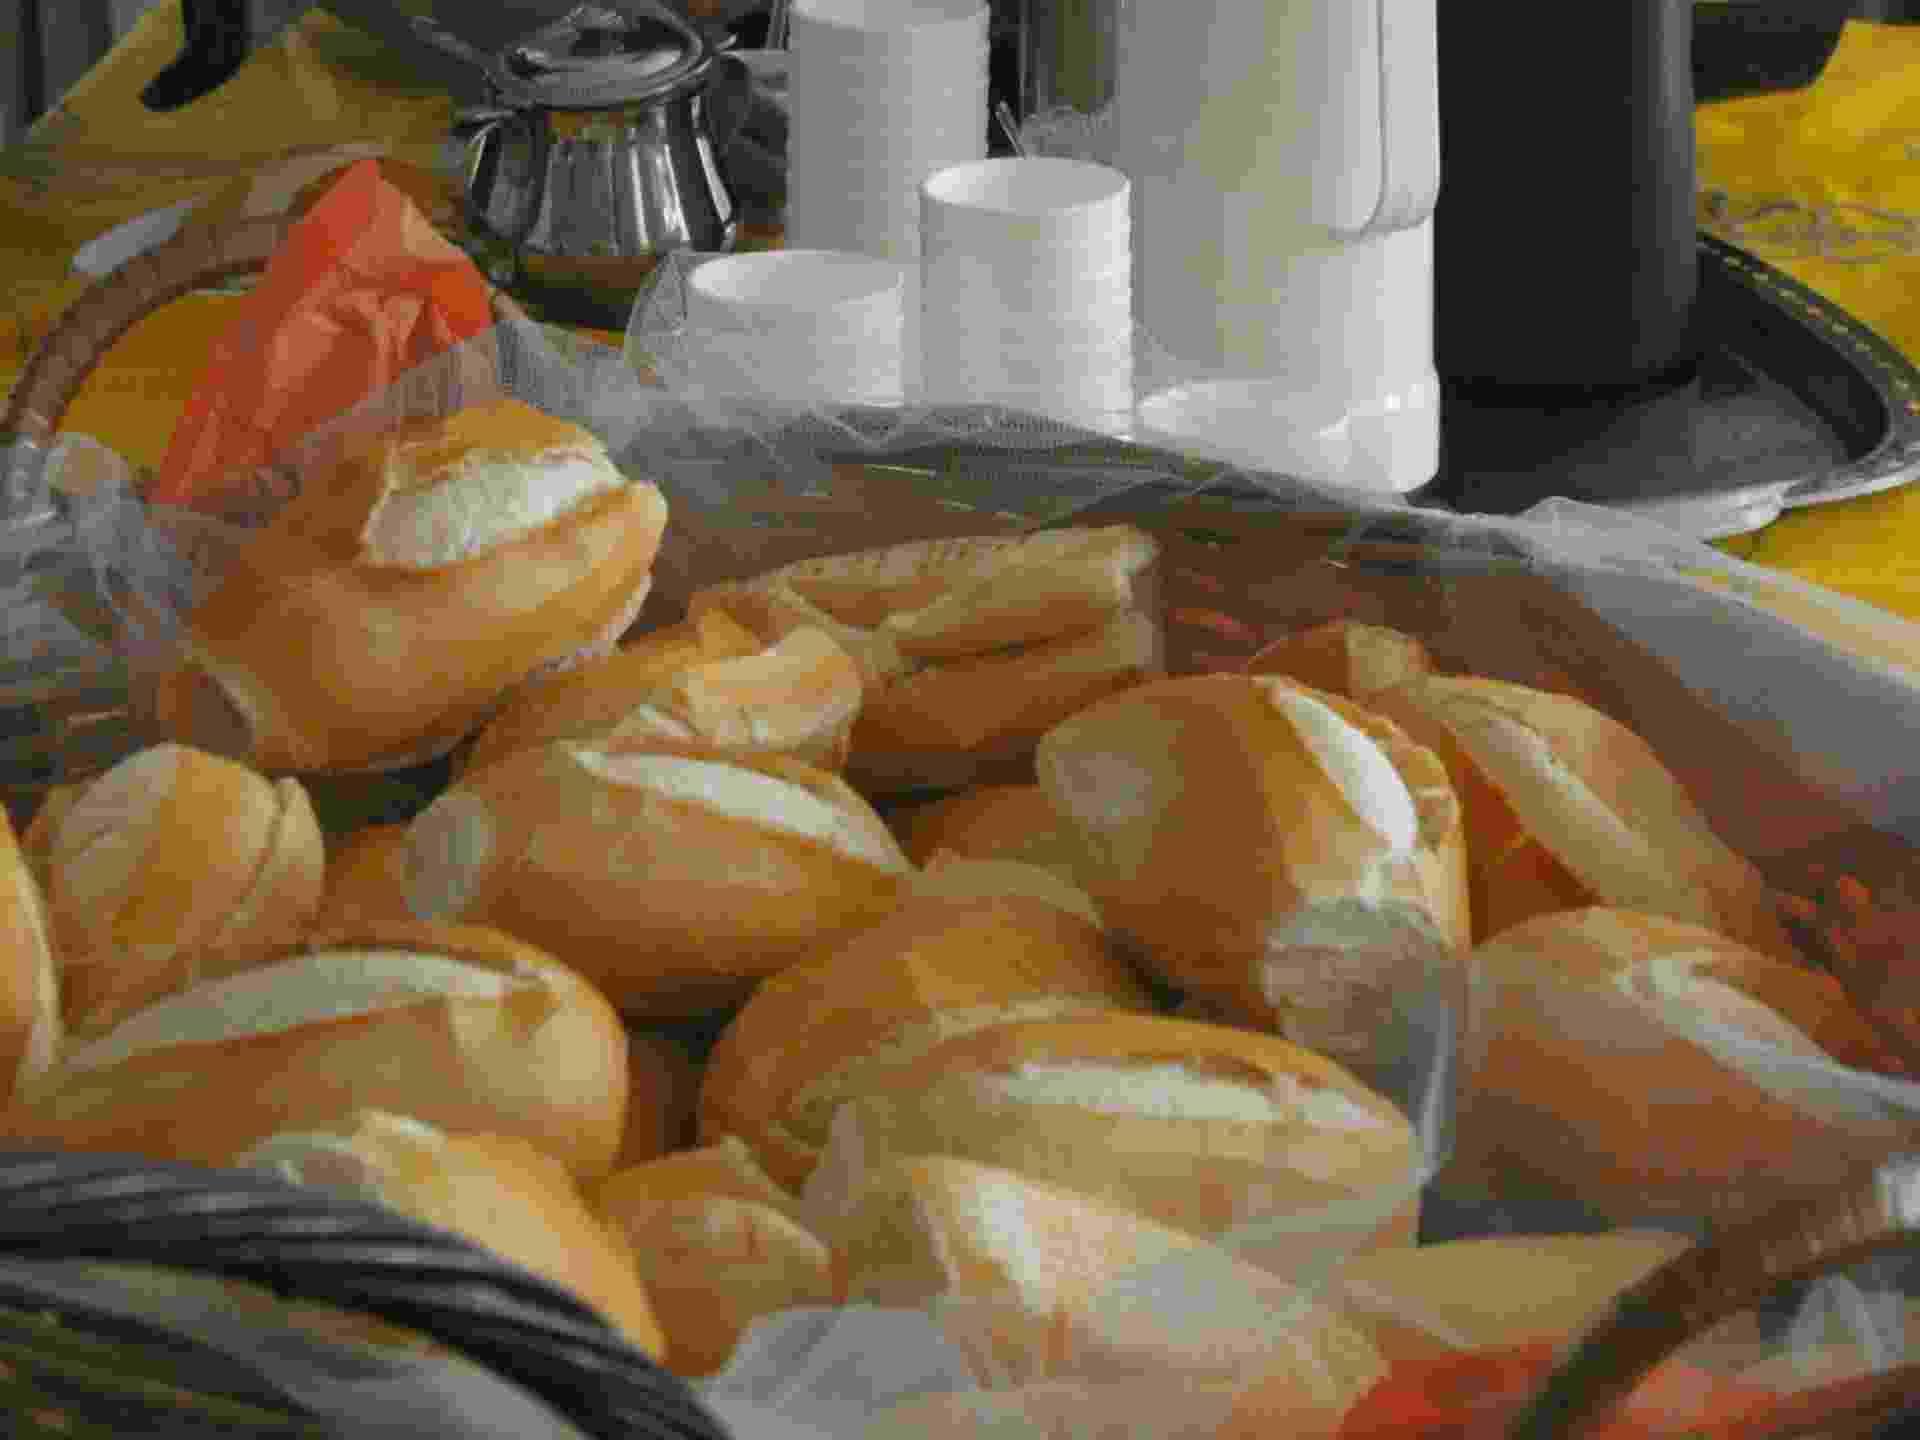 Pães da empresa Easy Pão, serviço de assinatura de pães - Divulgação